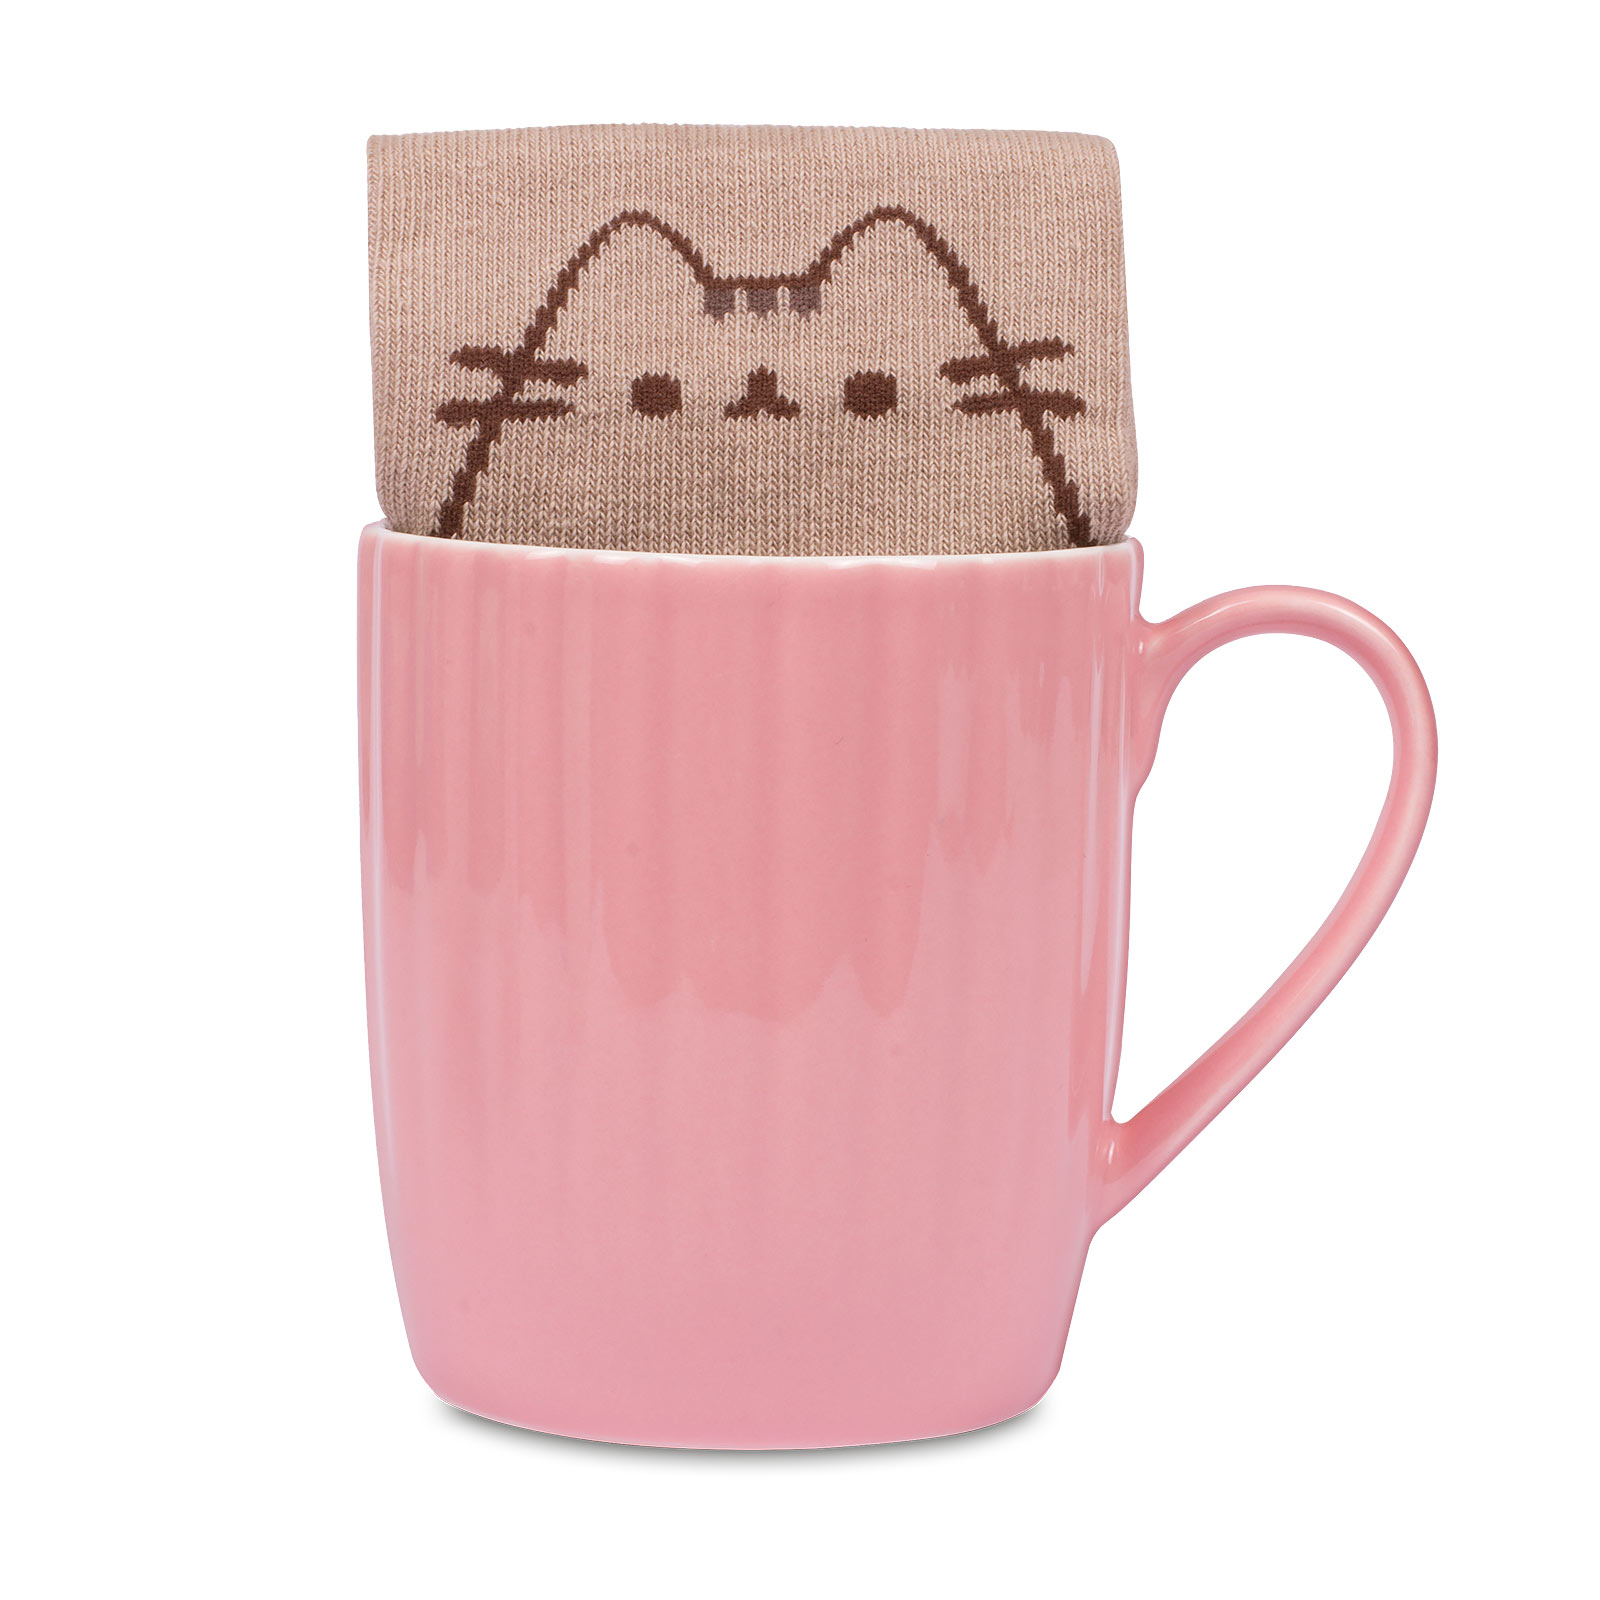 Pusheen - Pink Paw Socken und Tasse